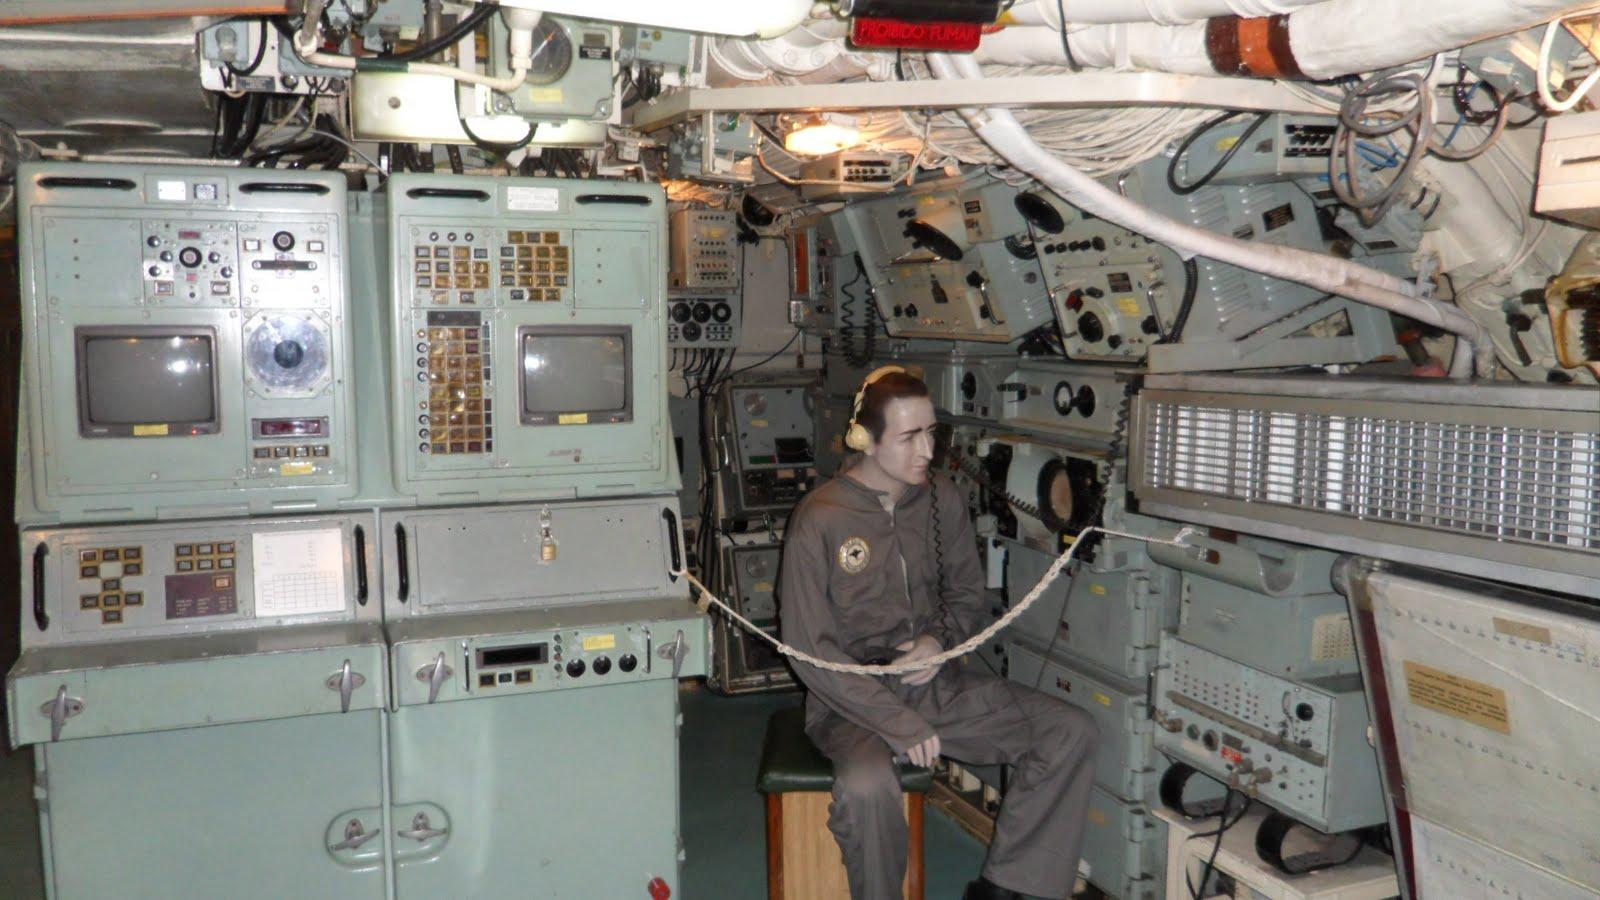 INSIDER/PARCERIA: Canal 'A Arte da Guerra' te leva a percorrer o interior do submarino classe Oberon 'Riachuelo'